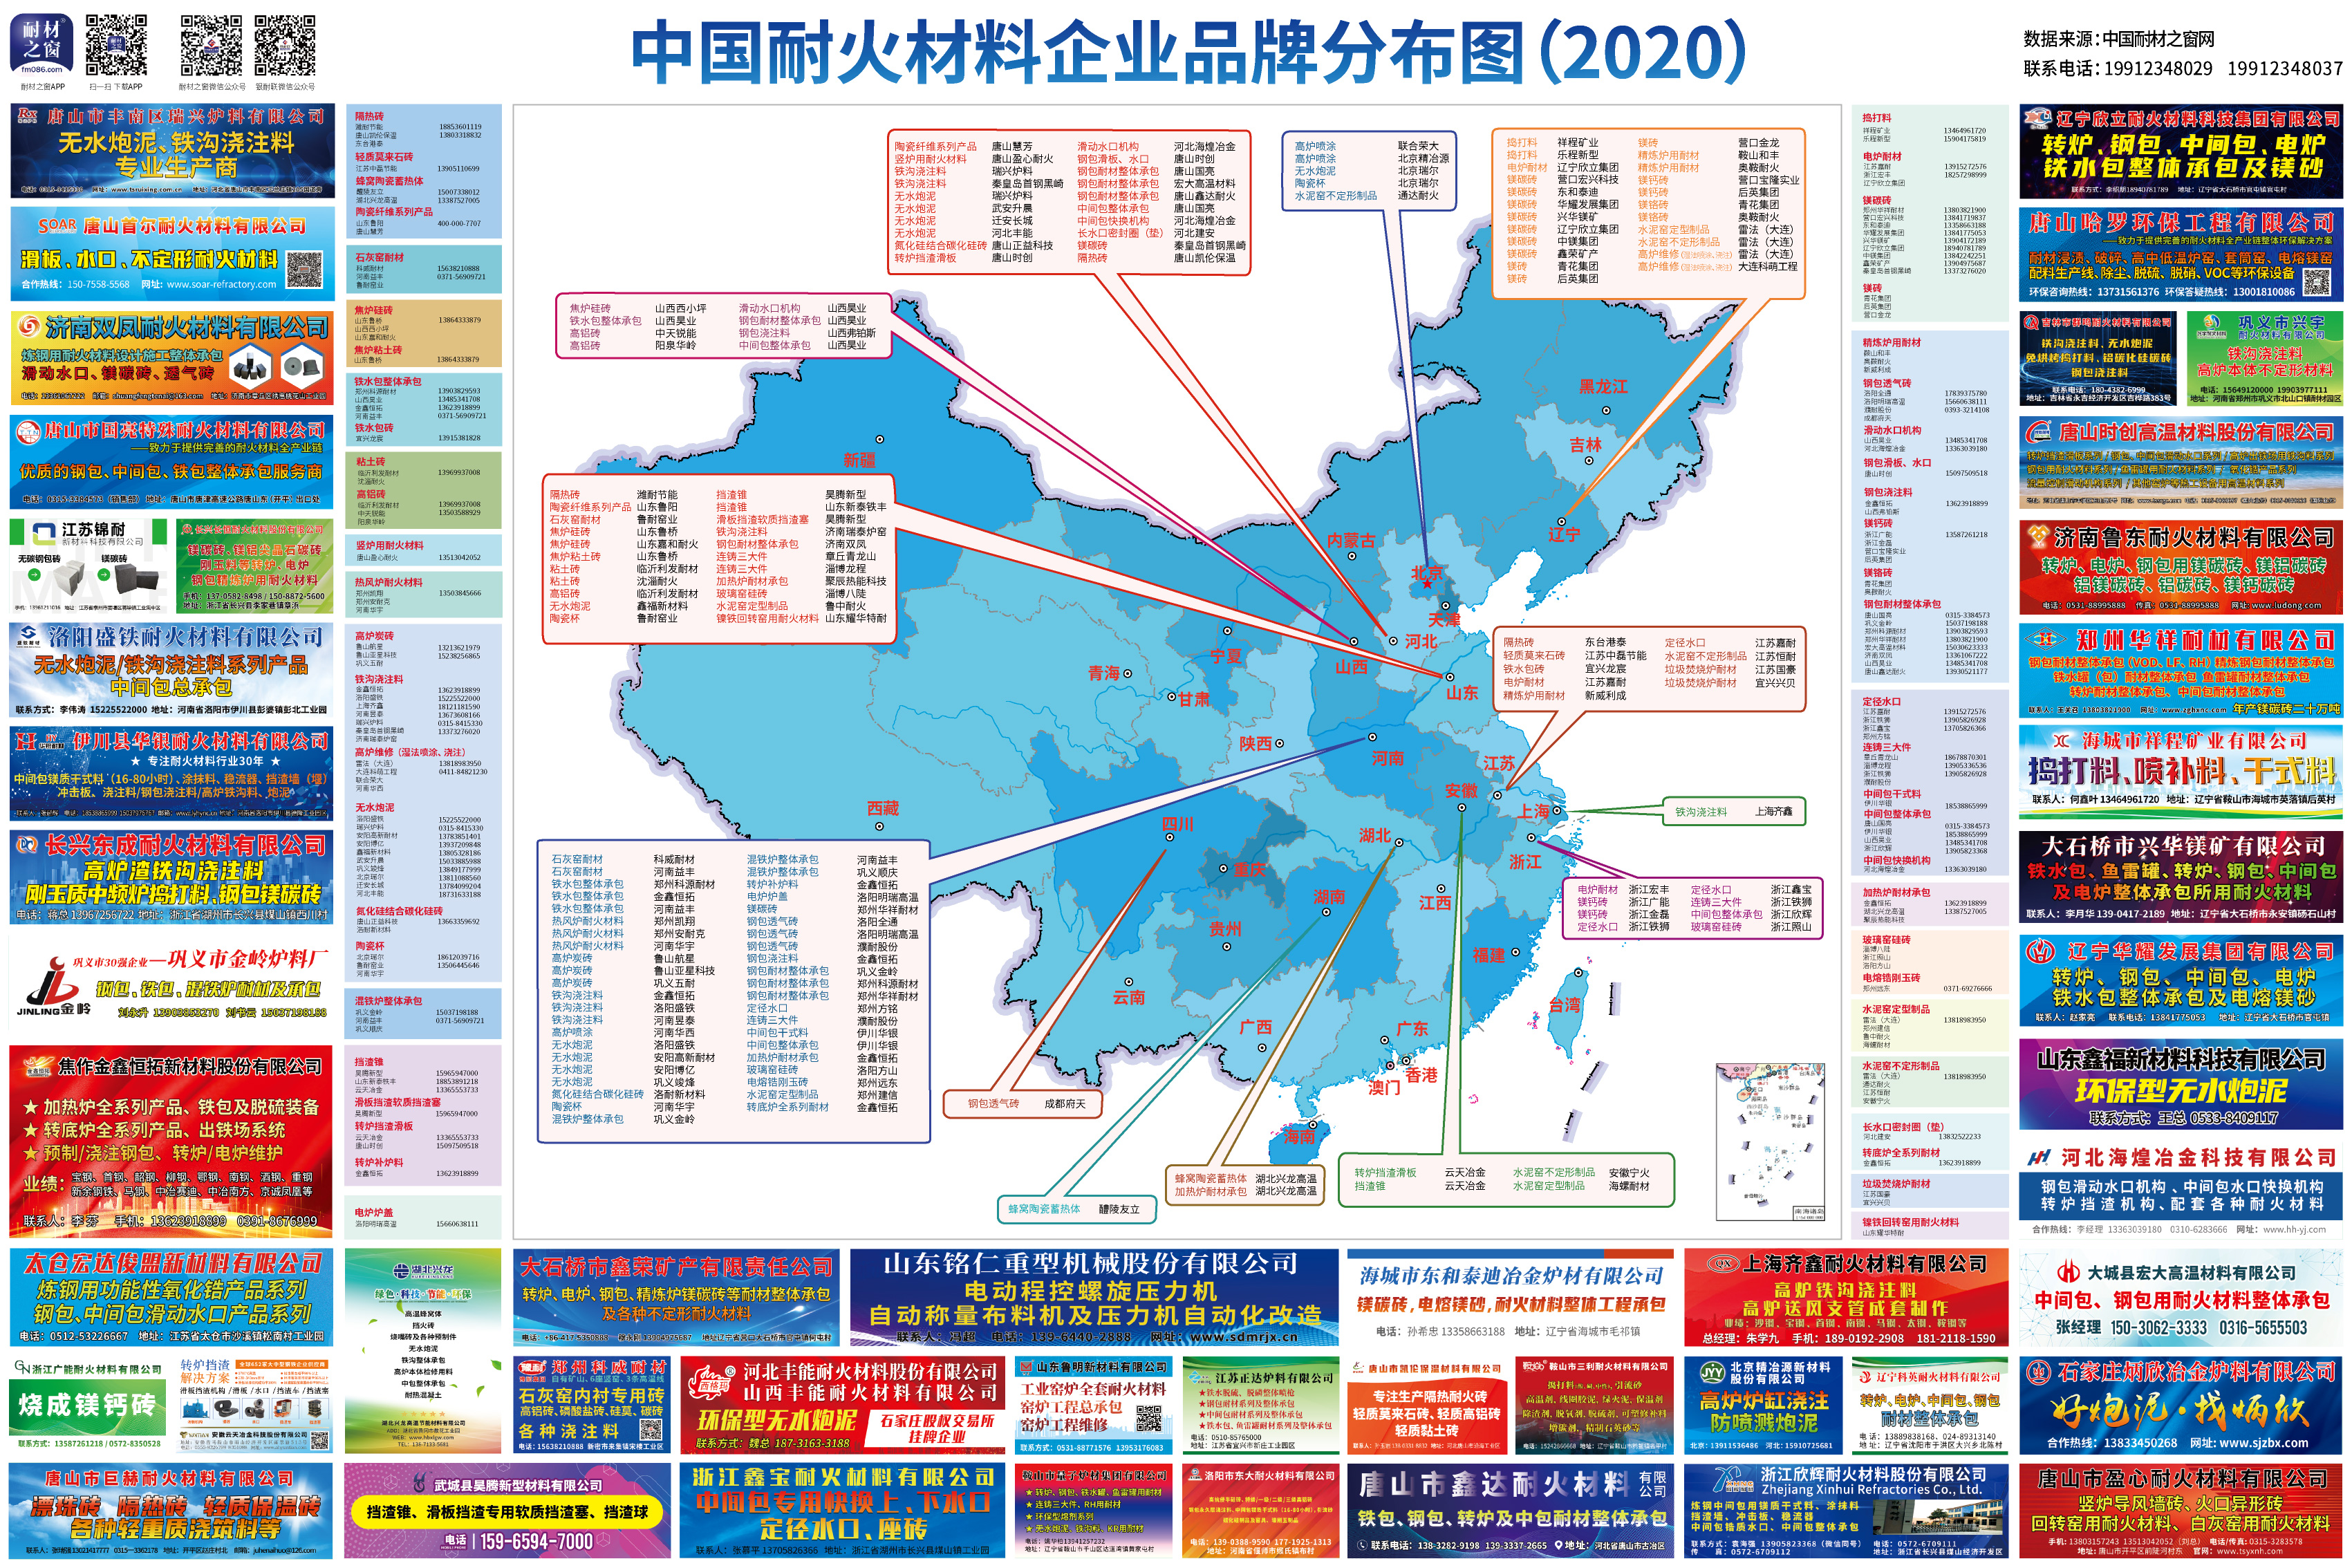 中国耐火材料企业品牌分布图(2020)